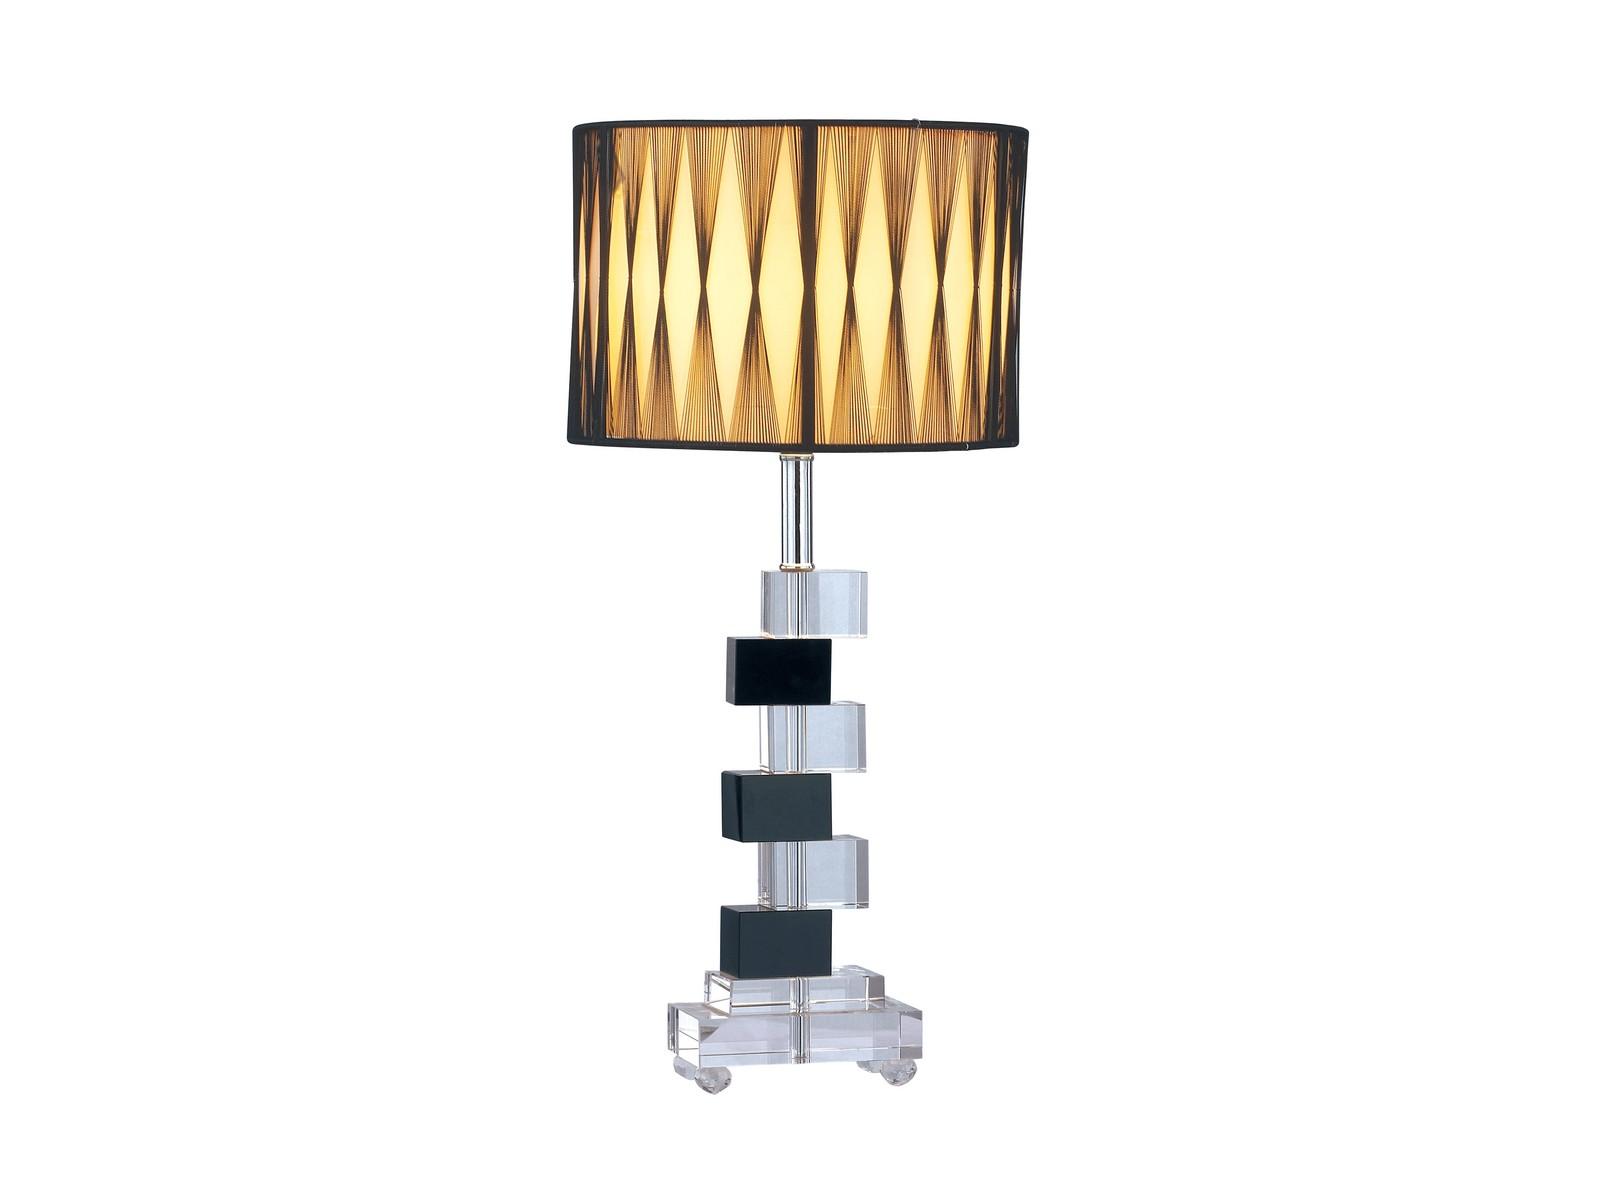 Настольная лампа LatticaДекоративные лампы<br>В оригинальной настольной лампе Lattica роскошные материалы прекрасно сочетаются с изысканной формой изделия. Изящный тканевый абажур создает теплый рассеянный свет. Геометрические формы, чередование прозрачного и чёрного хрусталя придают изделию особый, неповторимый стиль.&amp;lt;div&amp;gt;&amp;lt;br&amp;gt;&amp;lt;/div&amp;gt;&amp;lt;div&amp;gt;Вид цоколя: Е27&amp;lt;/div&amp;gt;&amp;lt;div&amp;gt;Мощность лампы: 40W&amp;lt;/div&amp;gt;&amp;lt;div&amp;gt;Количество ламп: 1&amp;lt;/div&amp;gt;&amp;lt;div&amp;gt;Наличие ламп: нет&amp;lt;/div&amp;gt;<br><br>Material: Текстиль<br>Height см: 50<br>Diameter см: 23